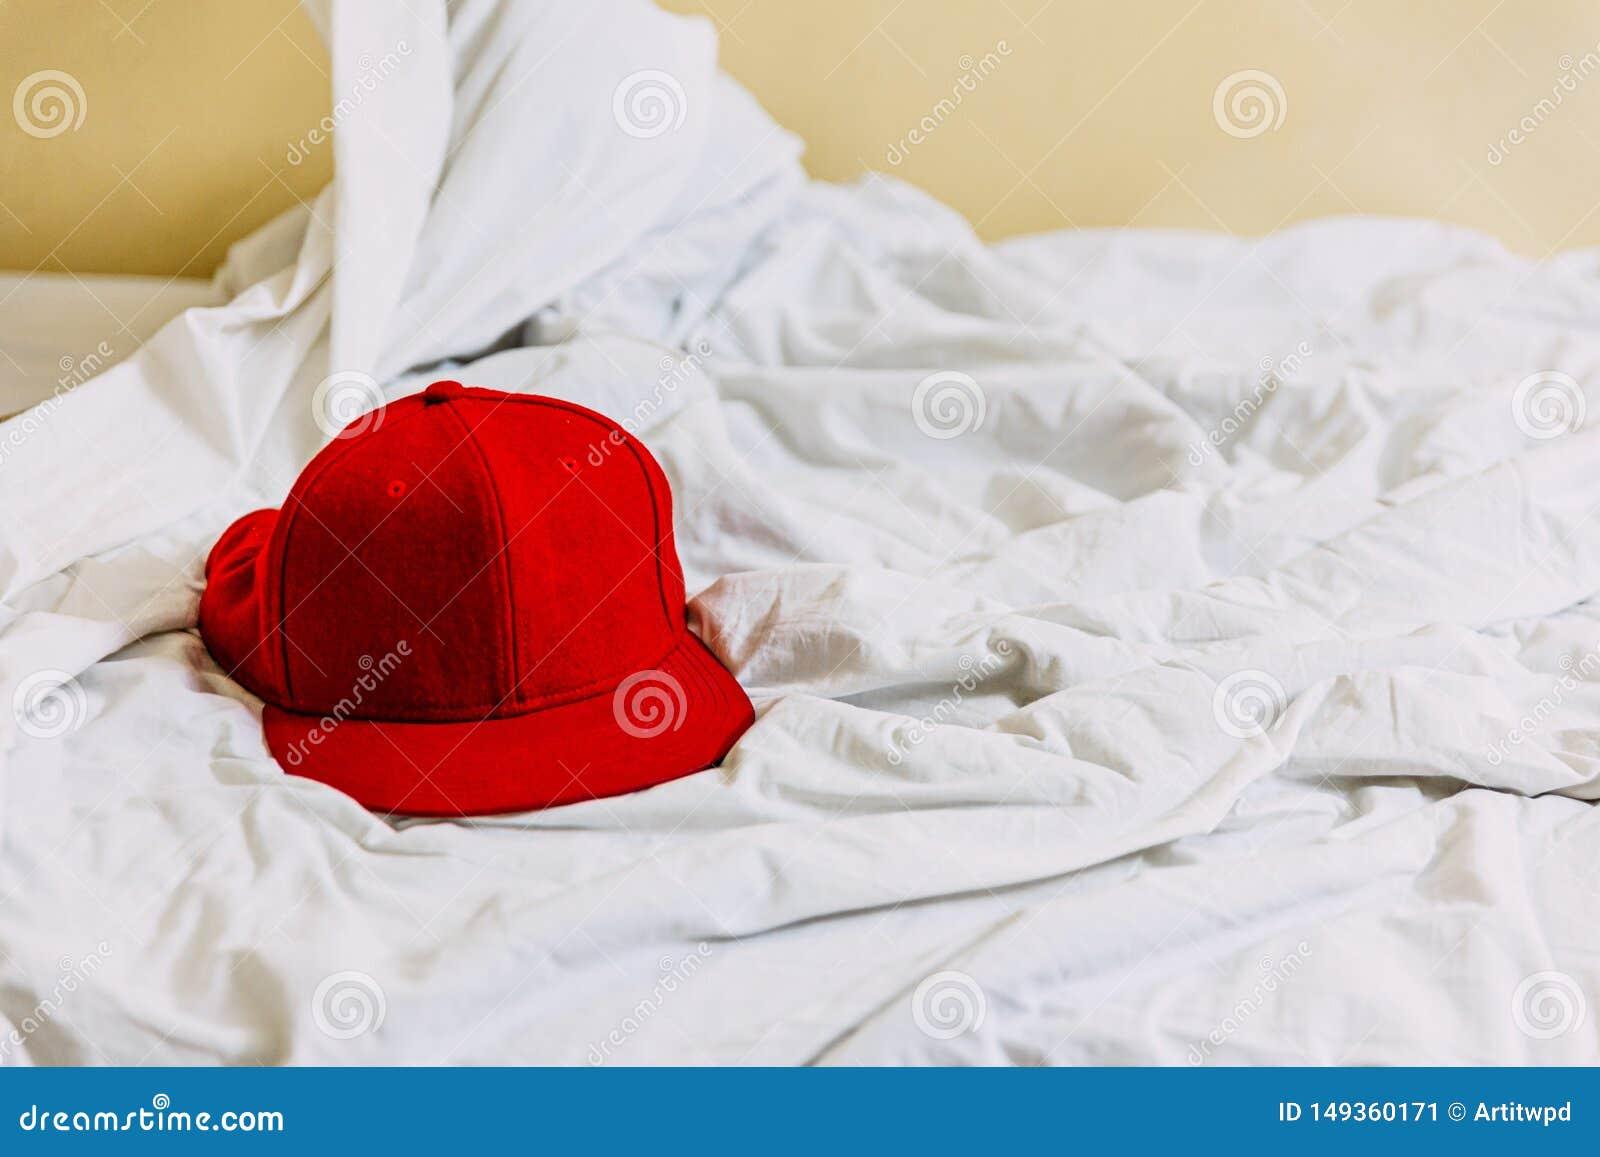 Sombrero rojo en el lado izquierdo sobre la manta blanca en la cama con el fondo amarillo